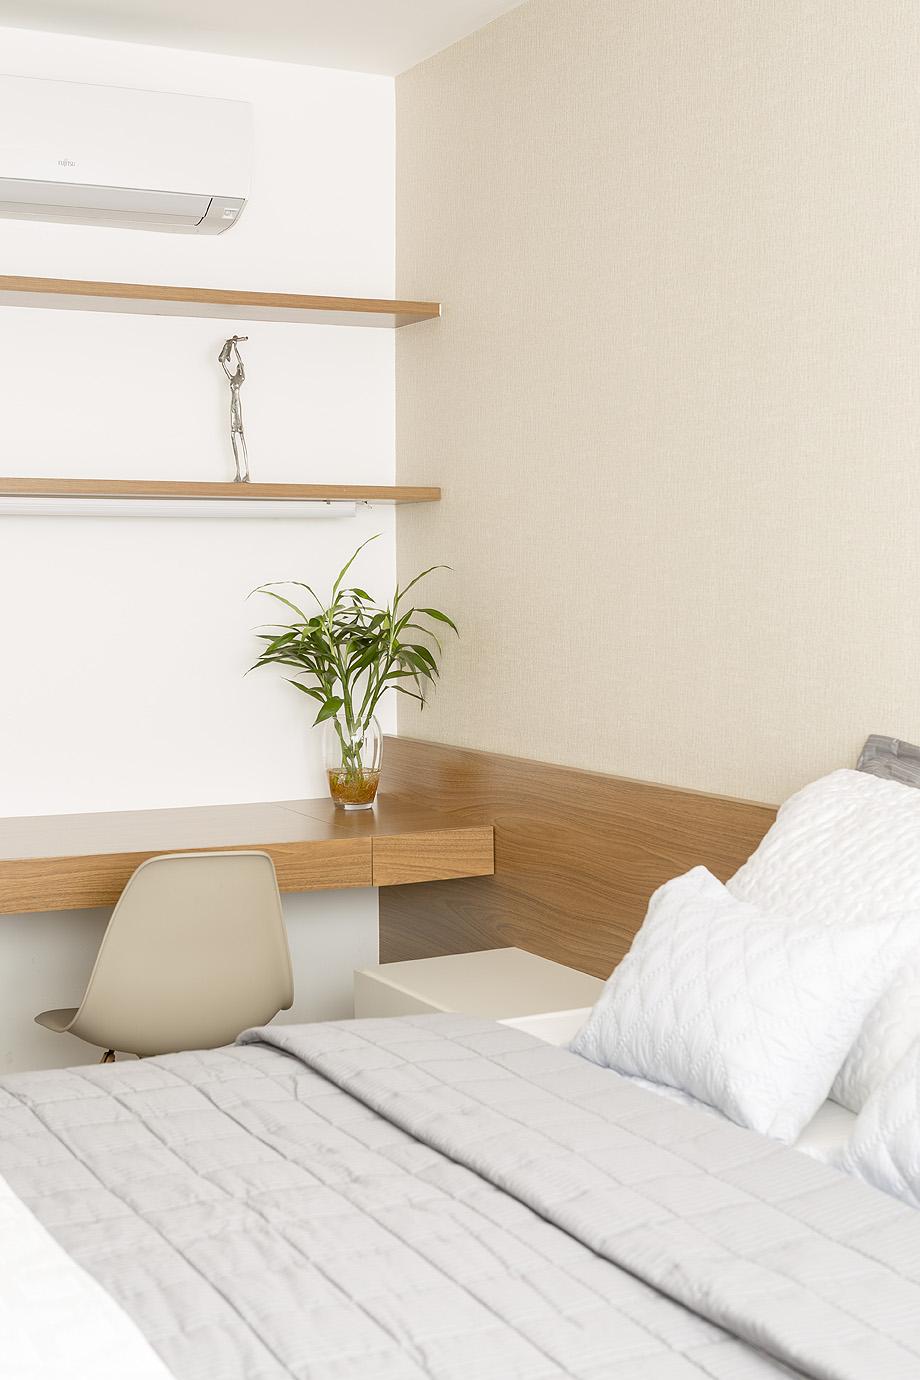 apartamento nw108 de coda arquitetos - foto joana frança (11)